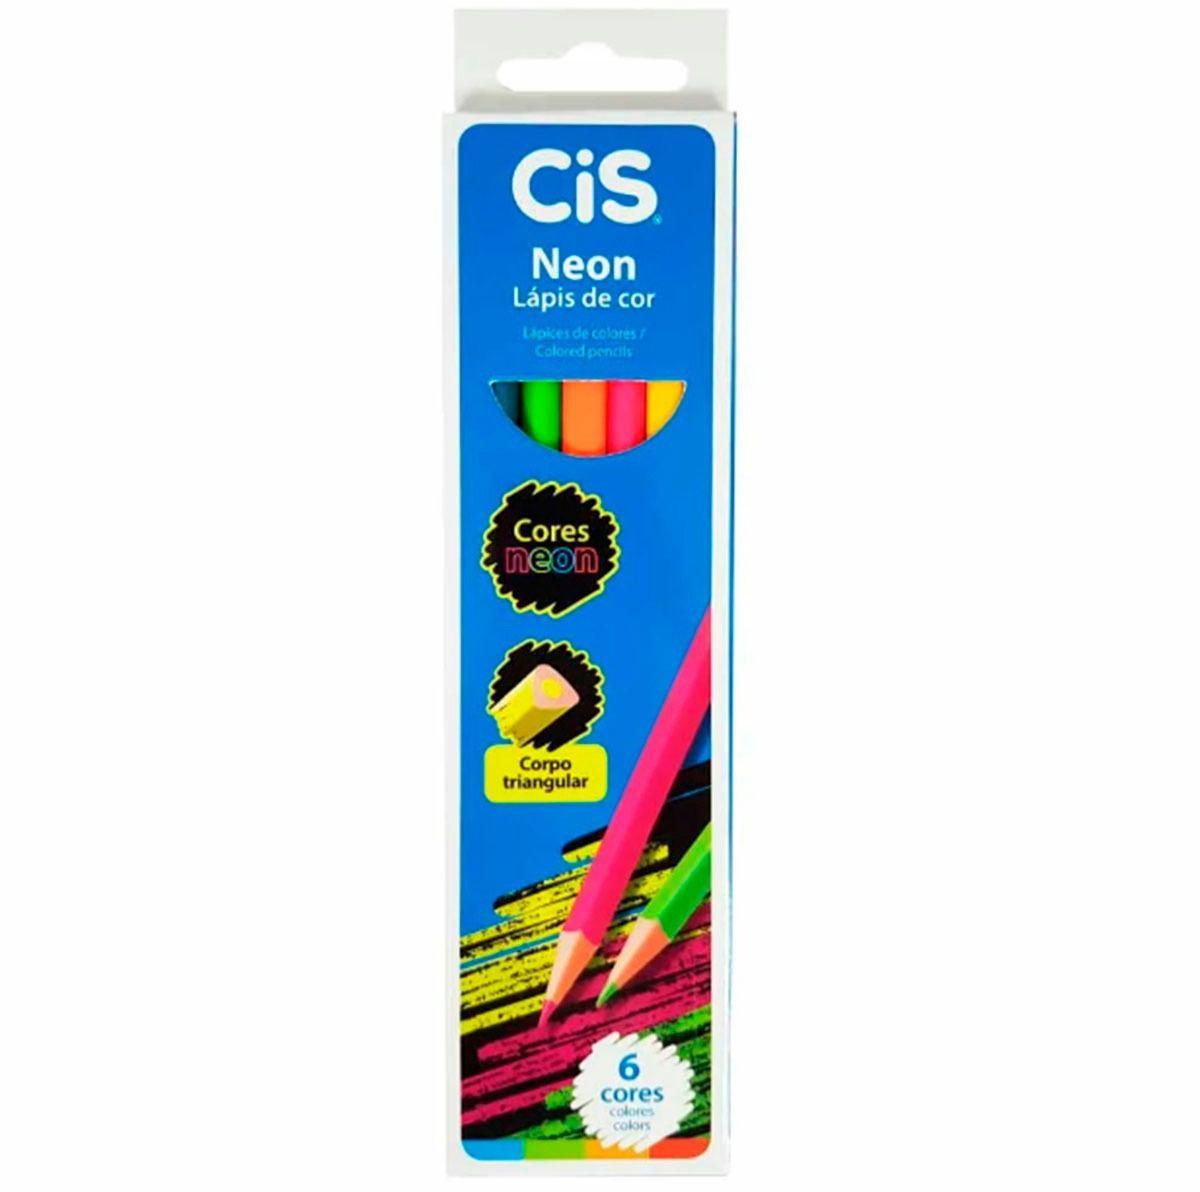 Lápis De Cor Neon 6 Cores Vibrantes Cis